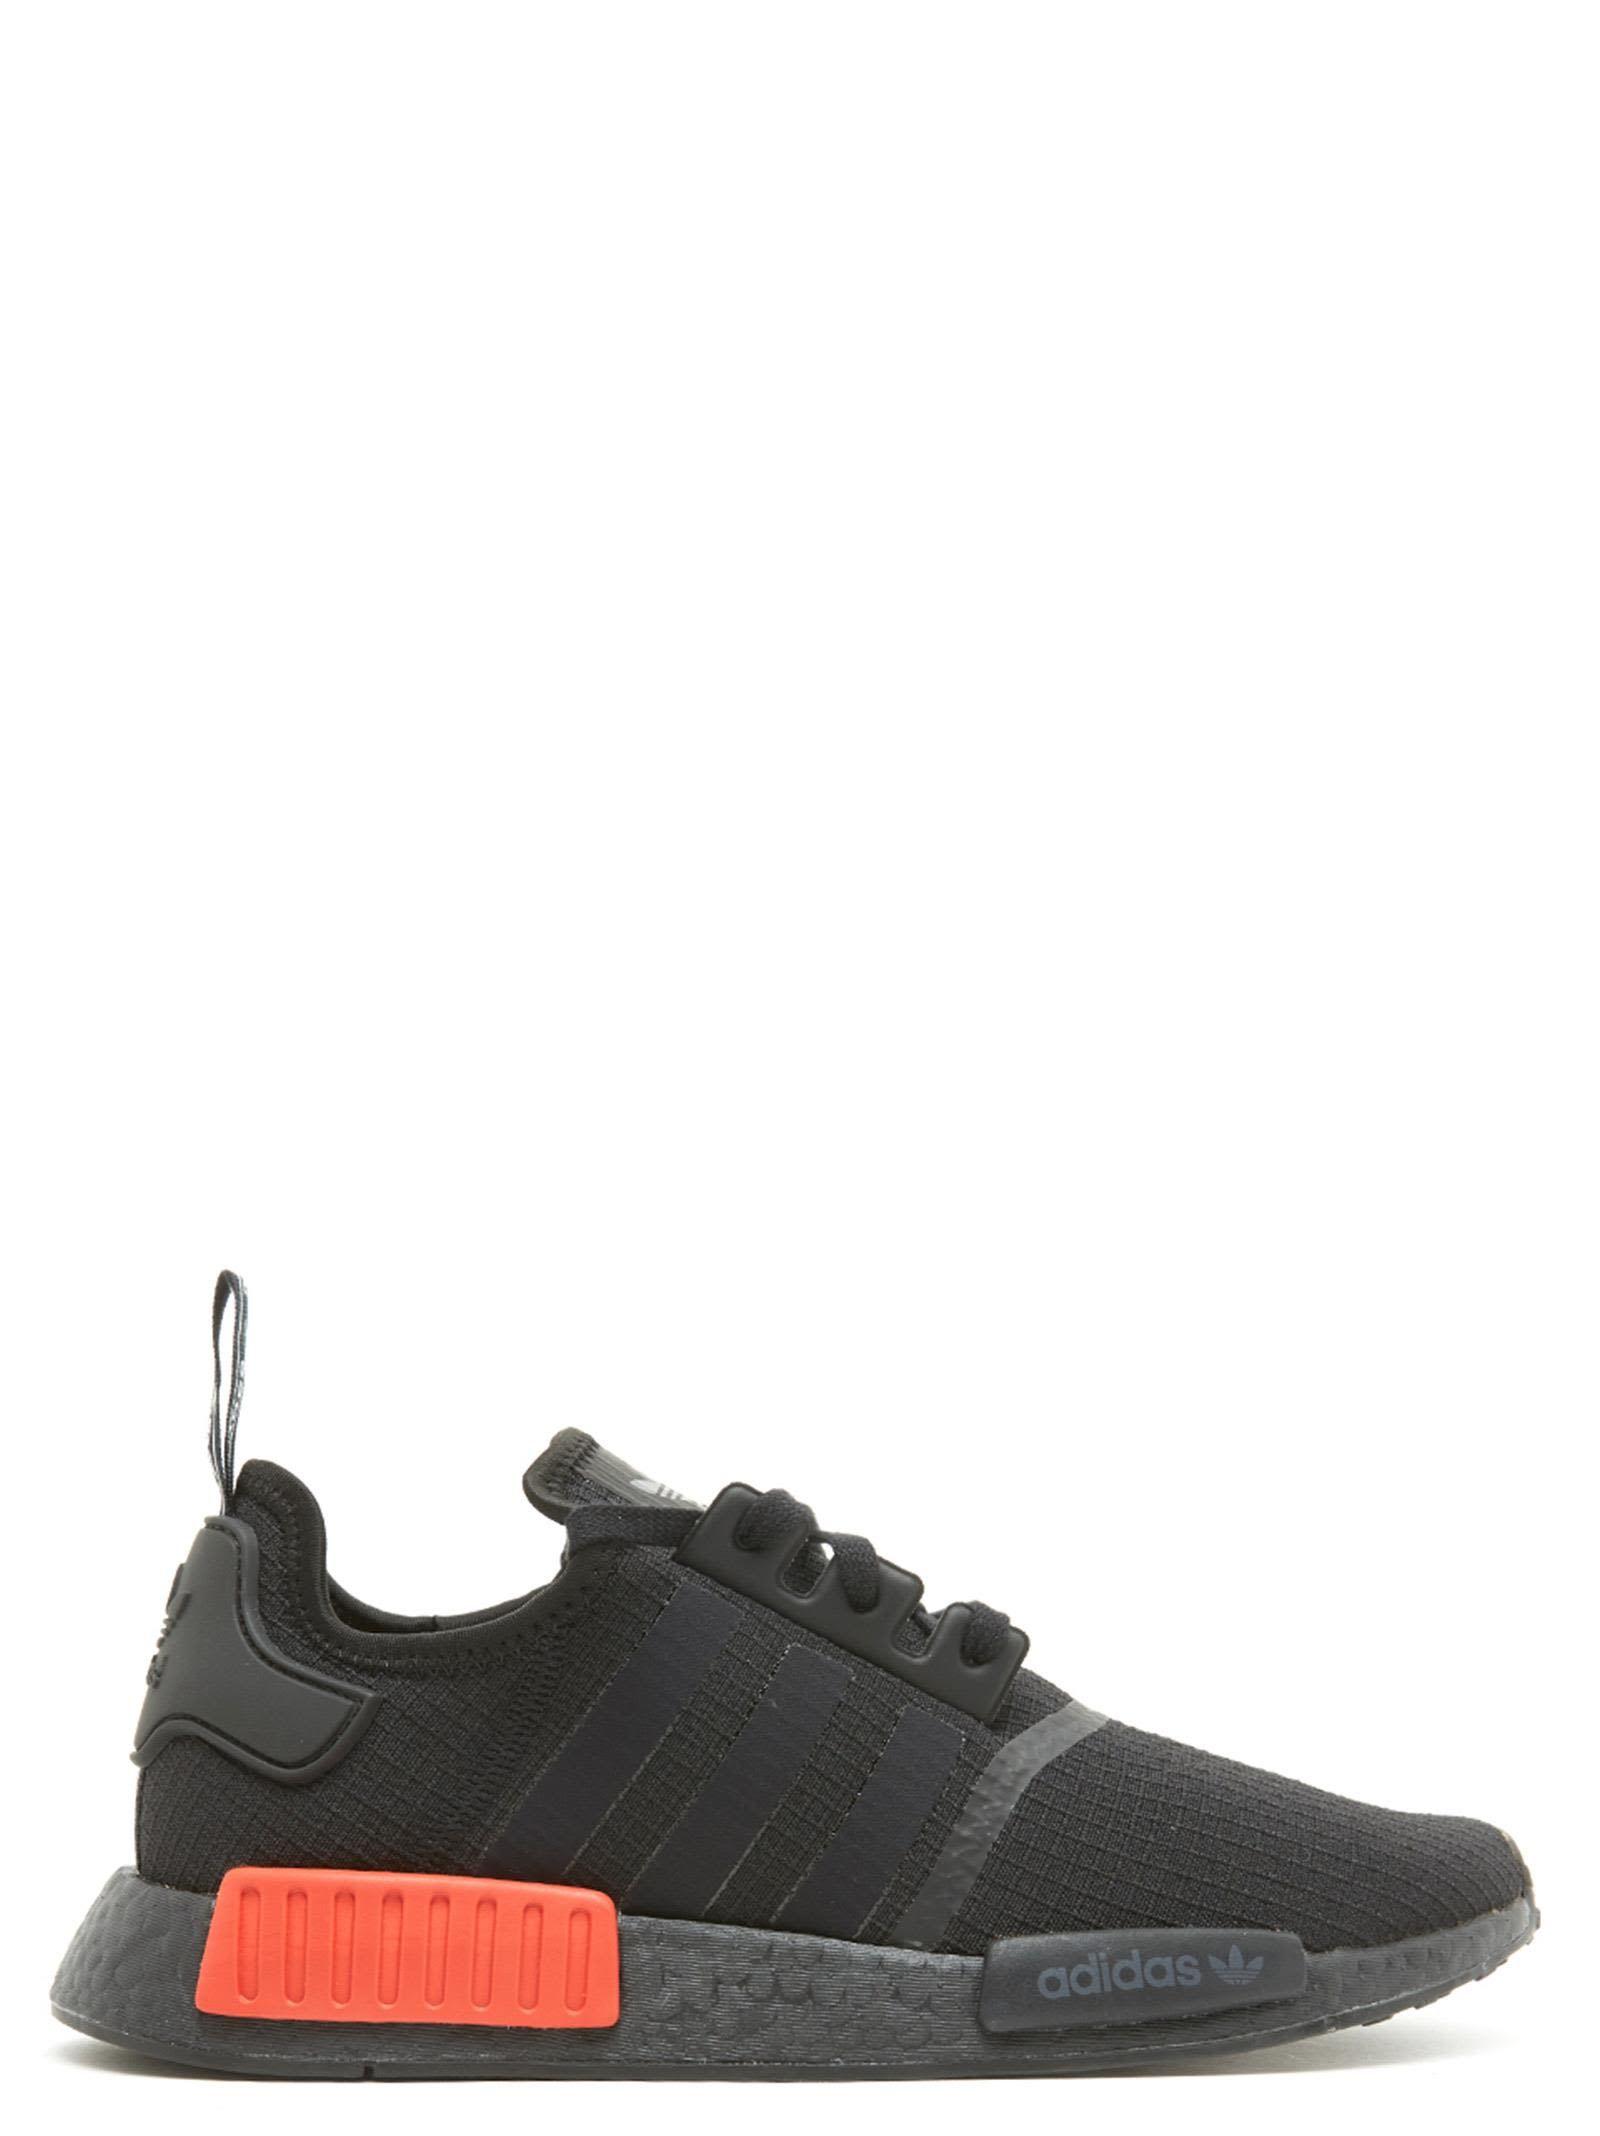 promo code 11682 ac4e9 ADIDAS ORIGINALS NMD R1 SHOES. adidasoriginals shoes